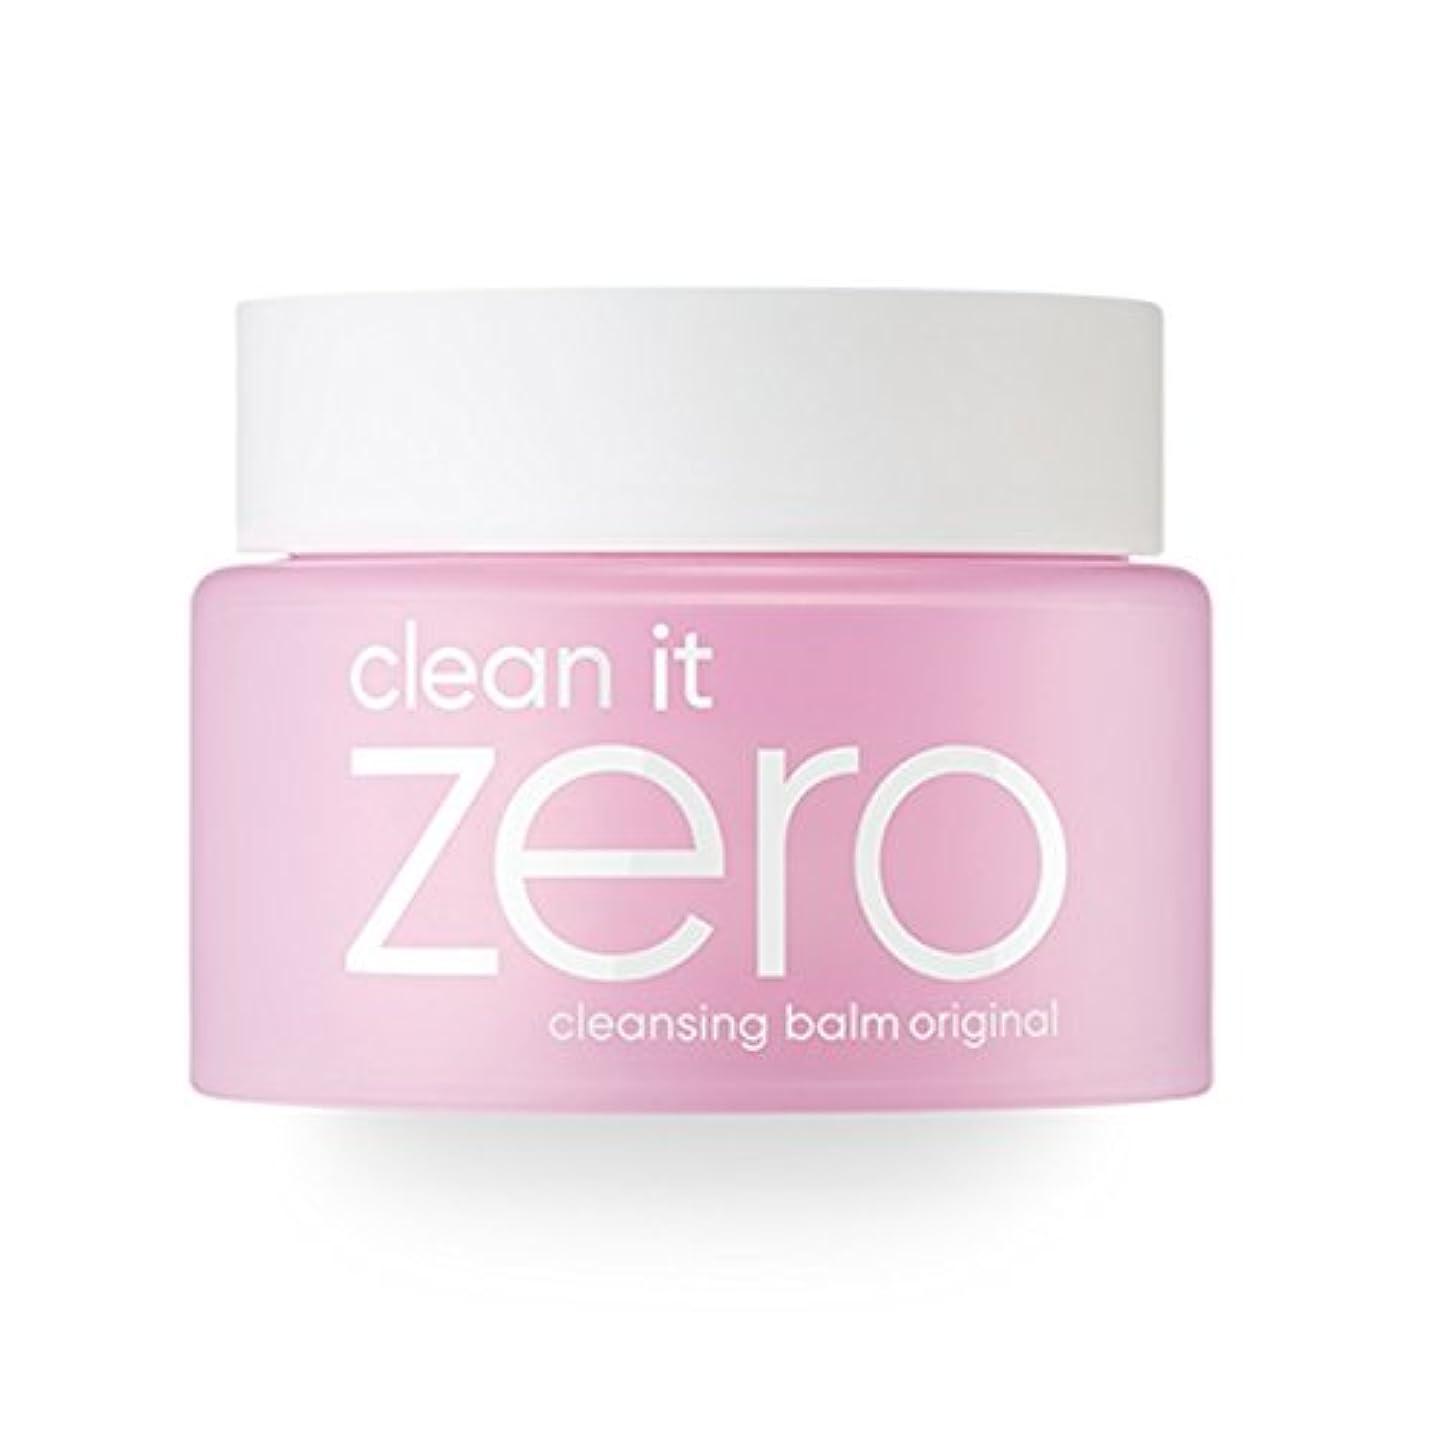 お茶添加トーナメントBanila.co クリーン イット ゼロ クレンジングバーム オリジナル / Clean it Zero Cleansing Balm Original (100ml)